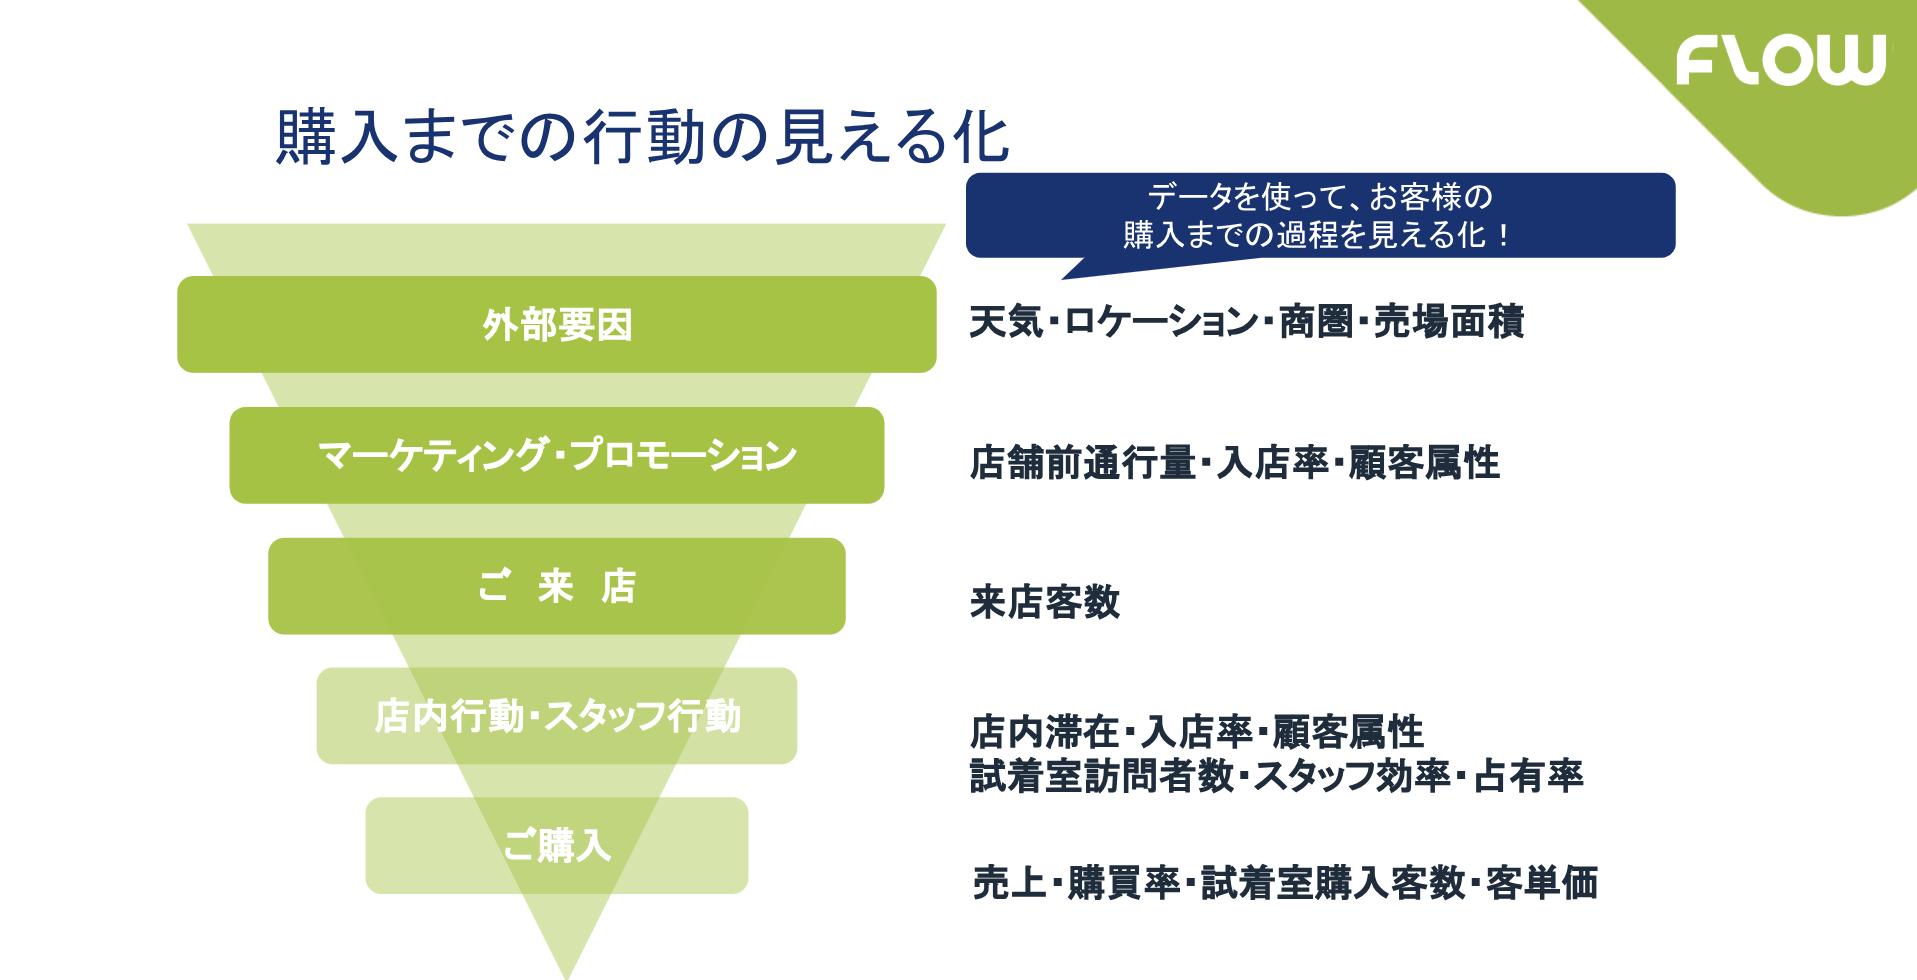 「お客様視点」で考える、店舗分析ソリューション 〜導入検討編〜